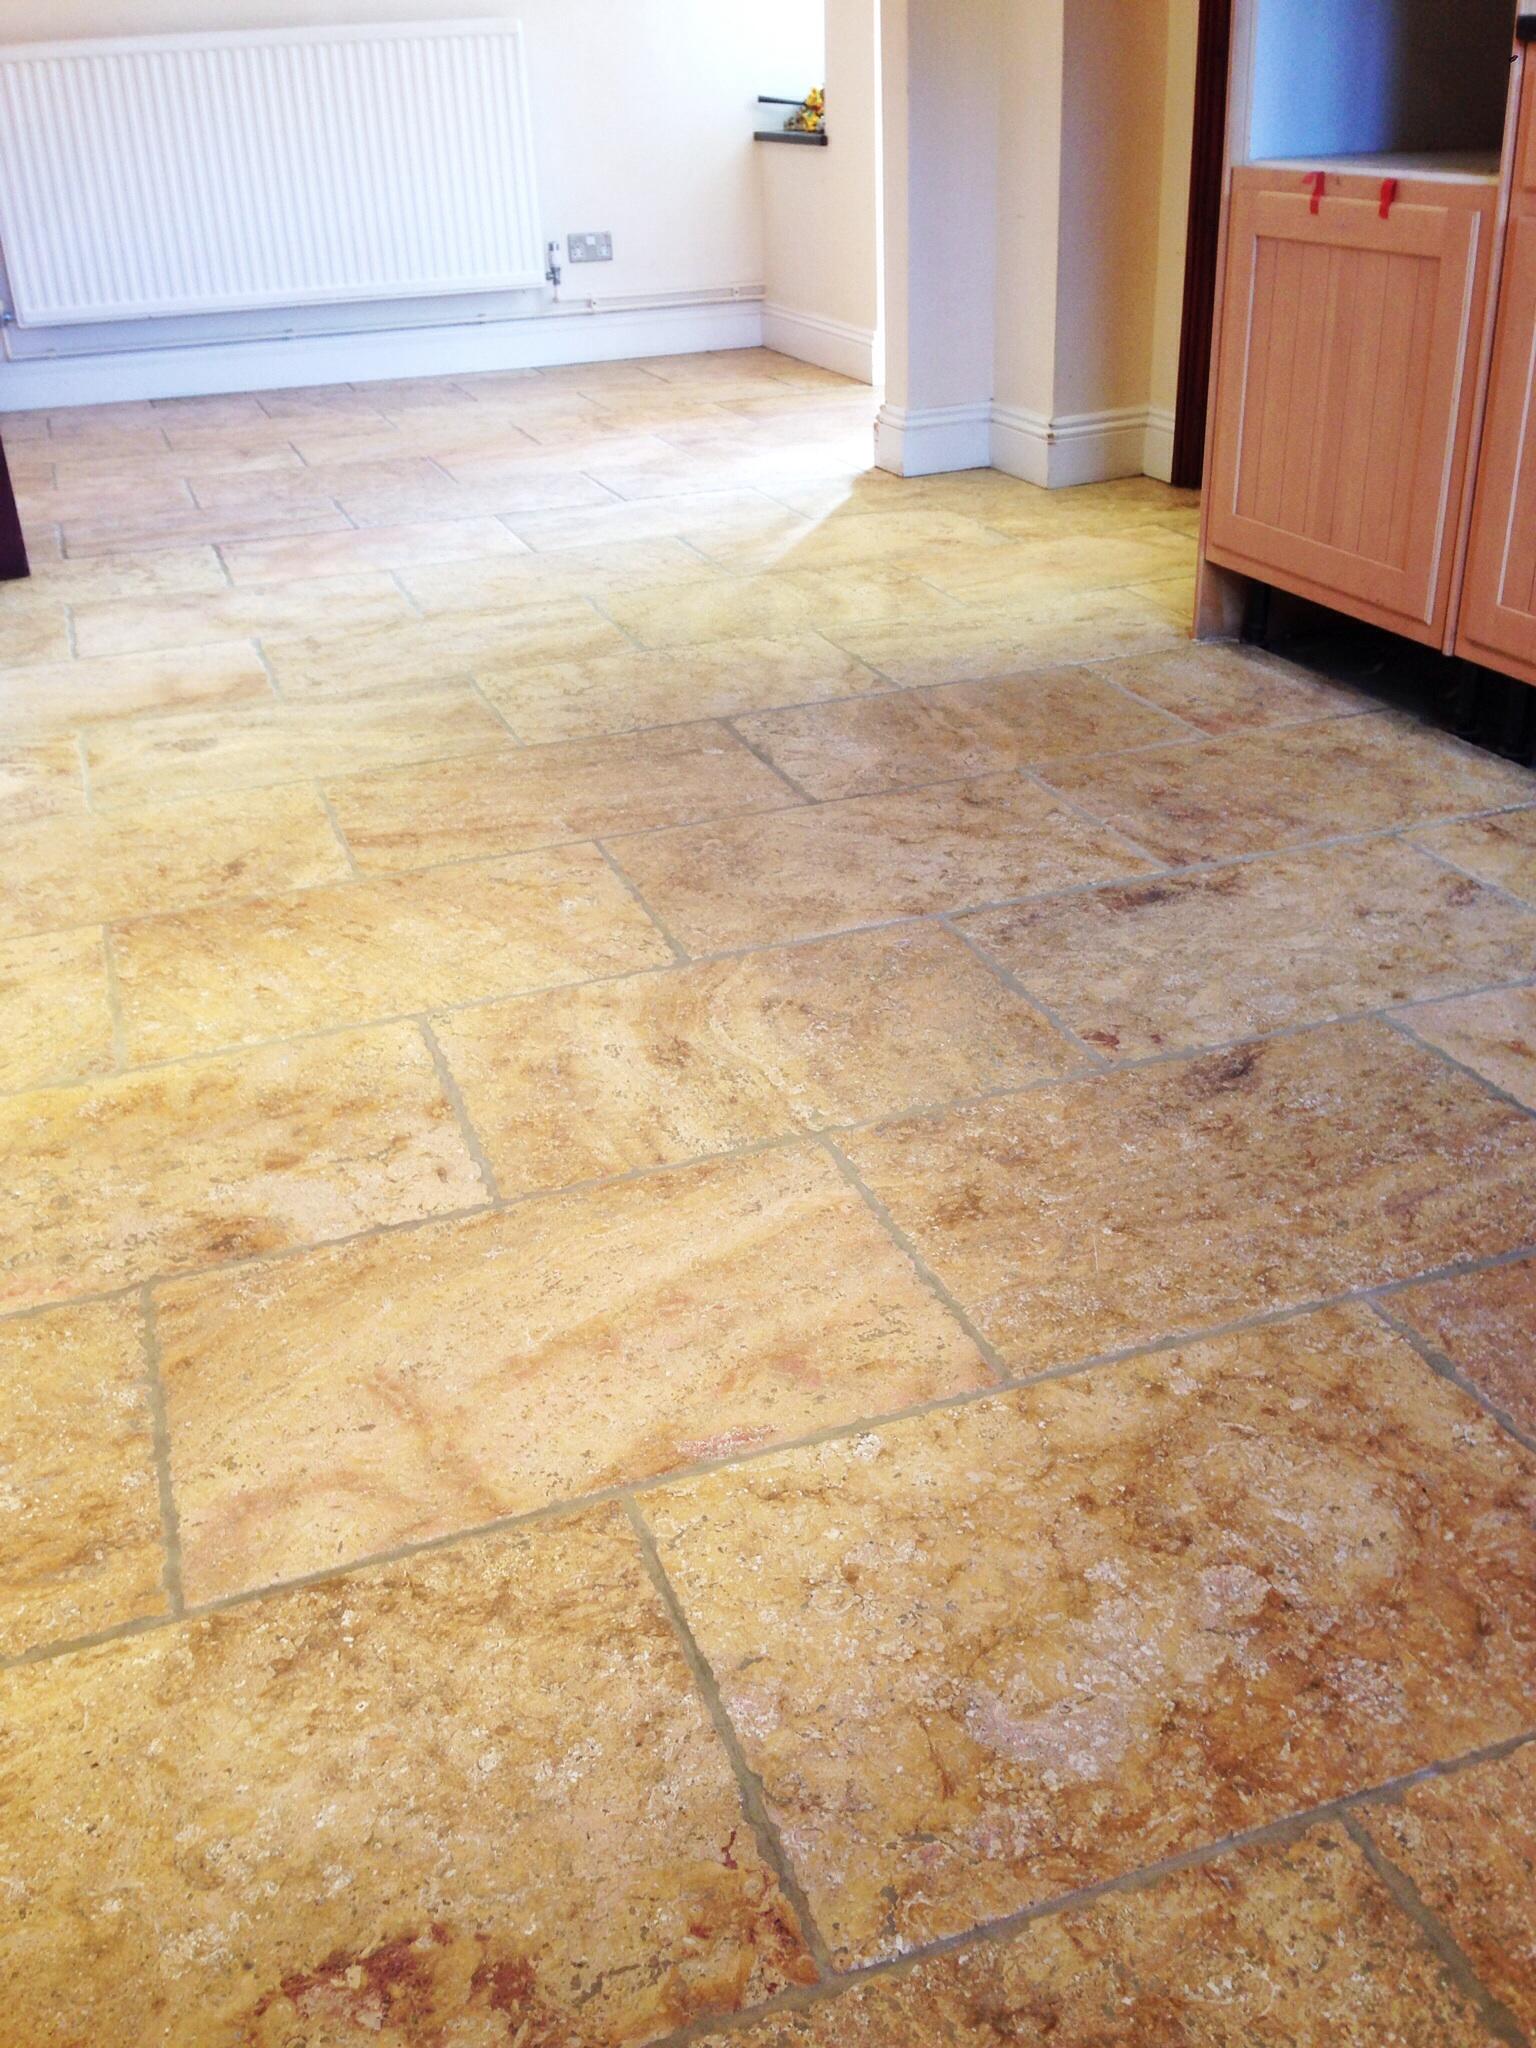 Limestone tiled kitchen floor AFTER restoration